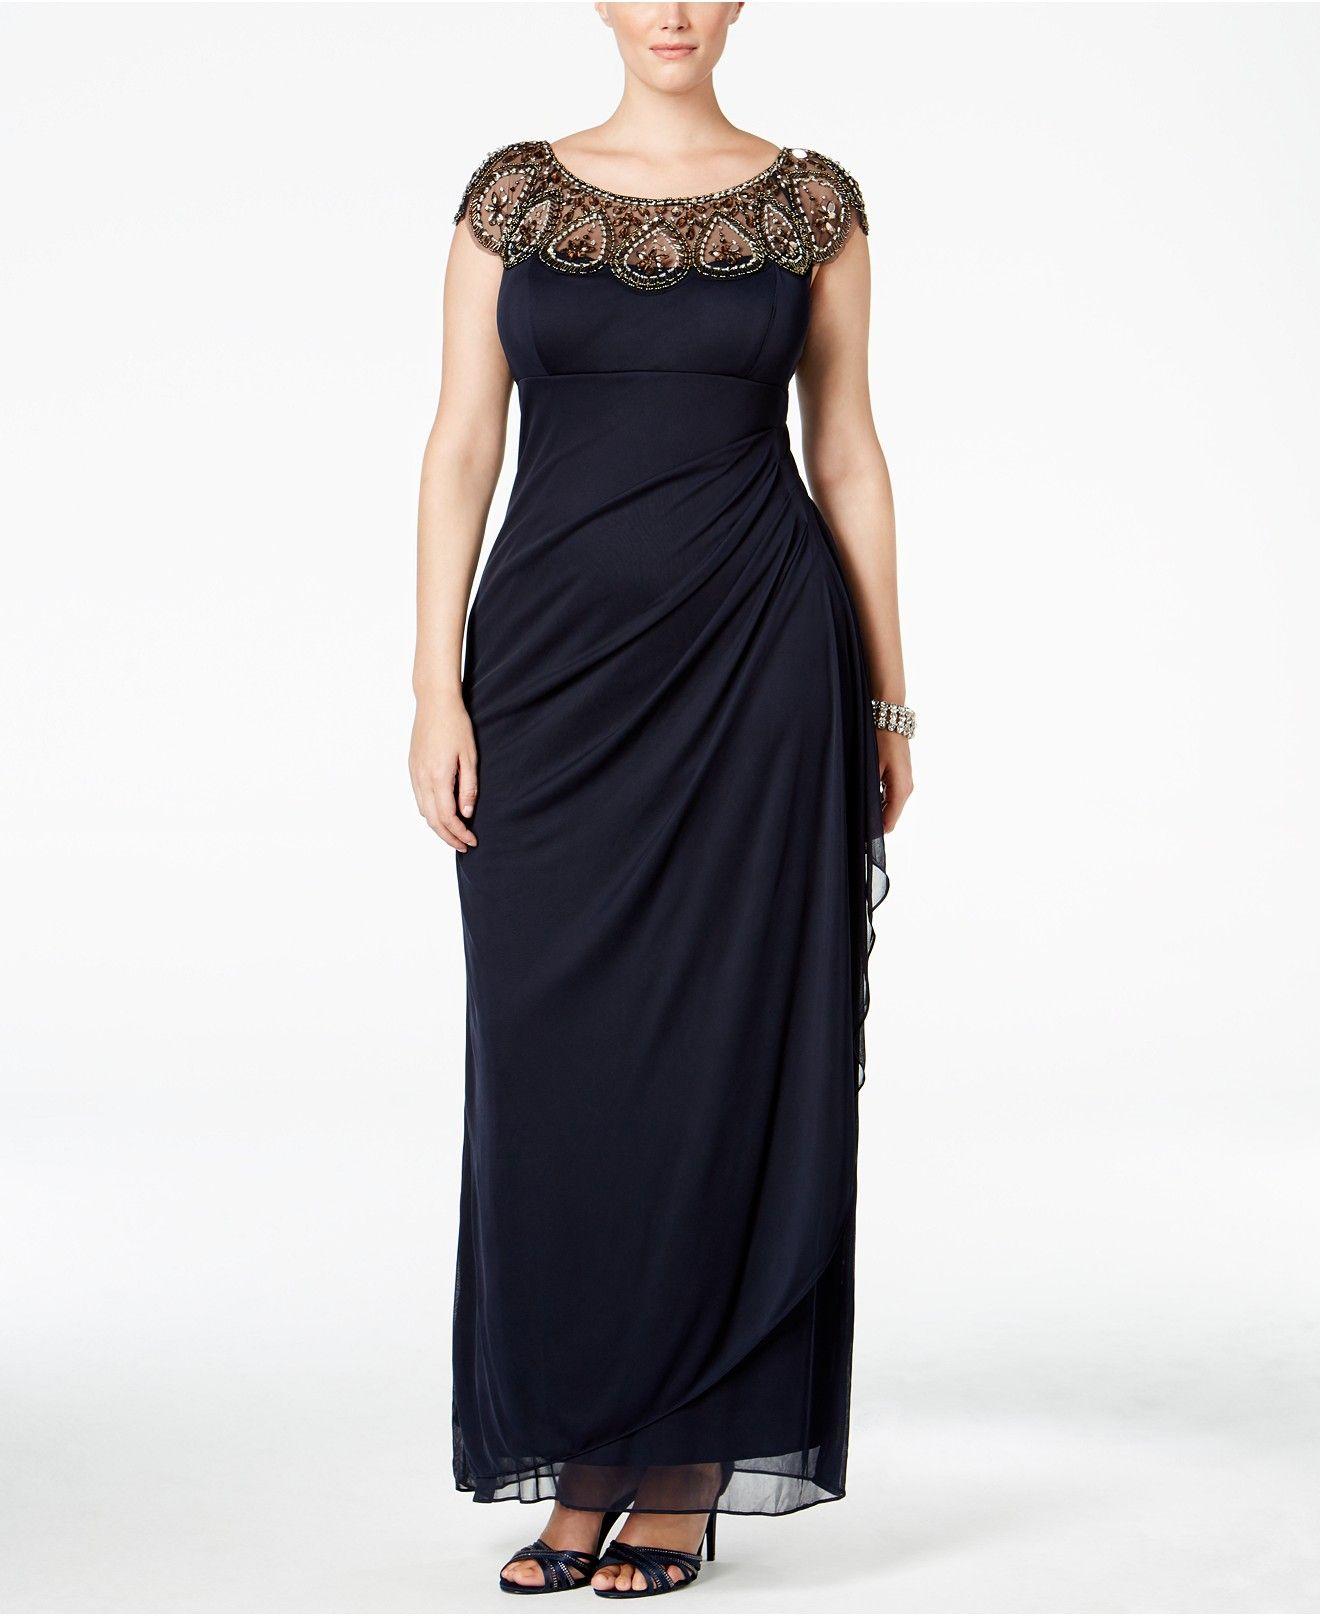 1968b936df4 Xscape Plus Size Illusion Beaded Gown - Dresses - Plus Sizes - Macy s